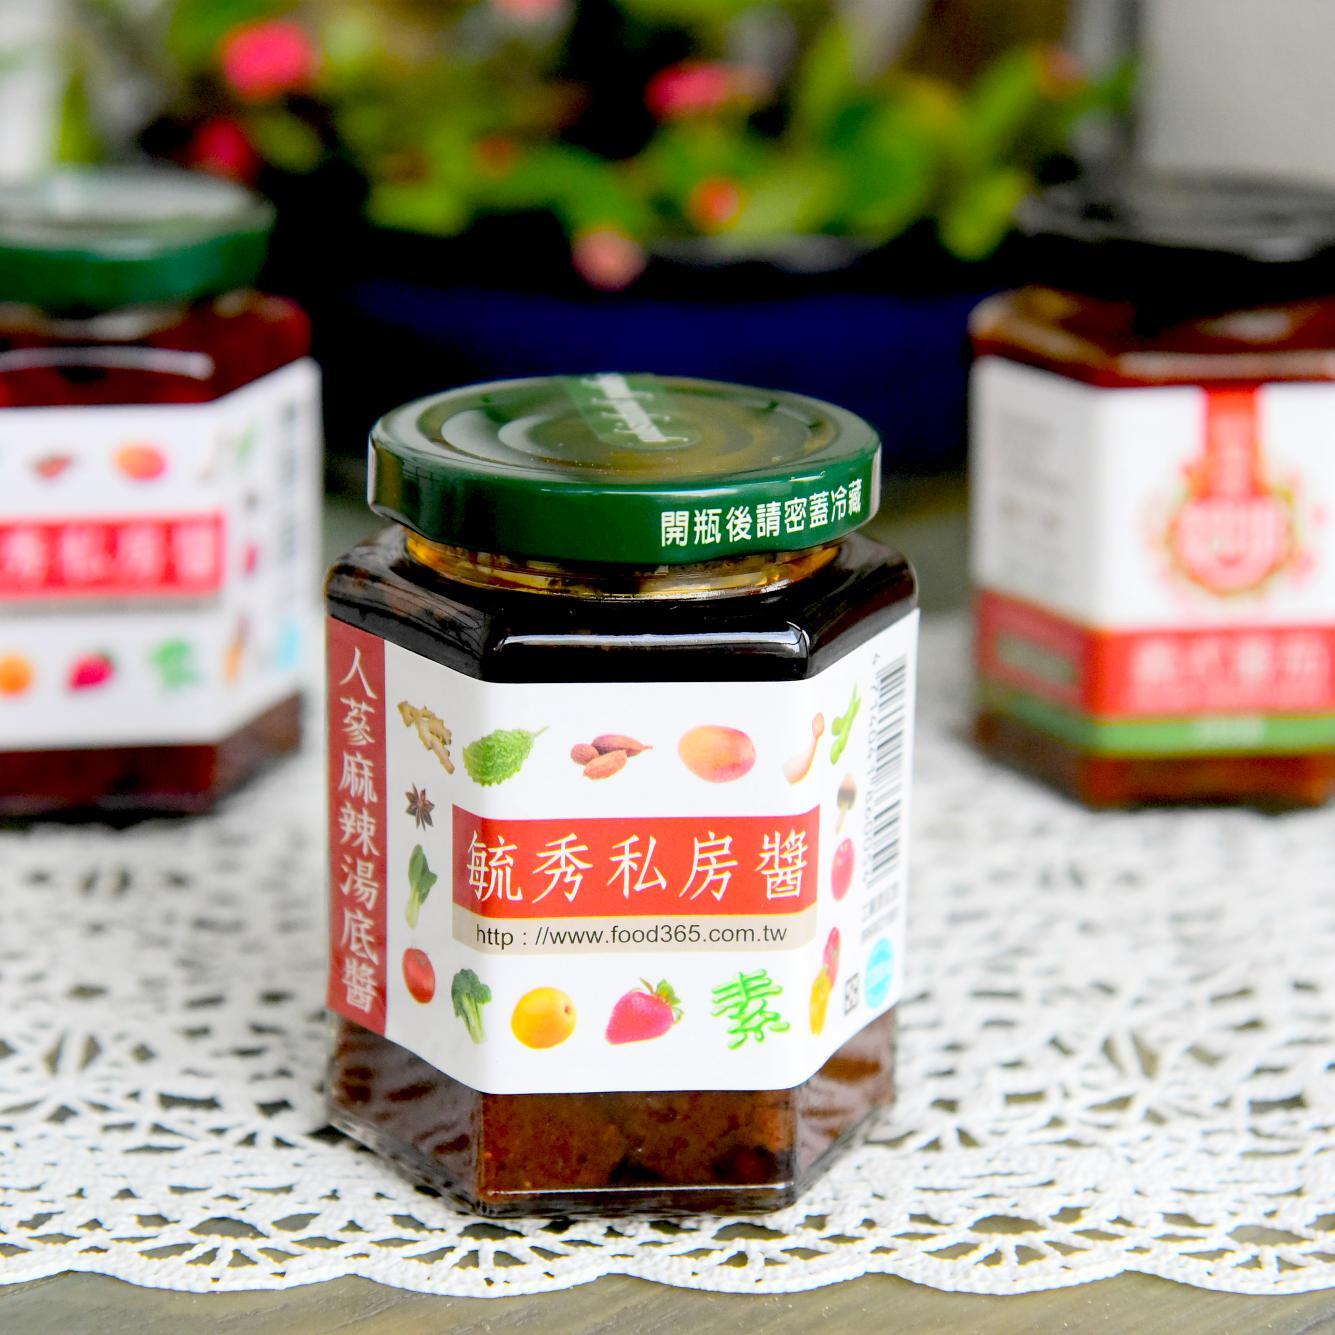 【天然健康美味】 毓秀私房醬-人蔘麻辣湯底醬(純素)- 麻辣湯底最佳選擇-250公克